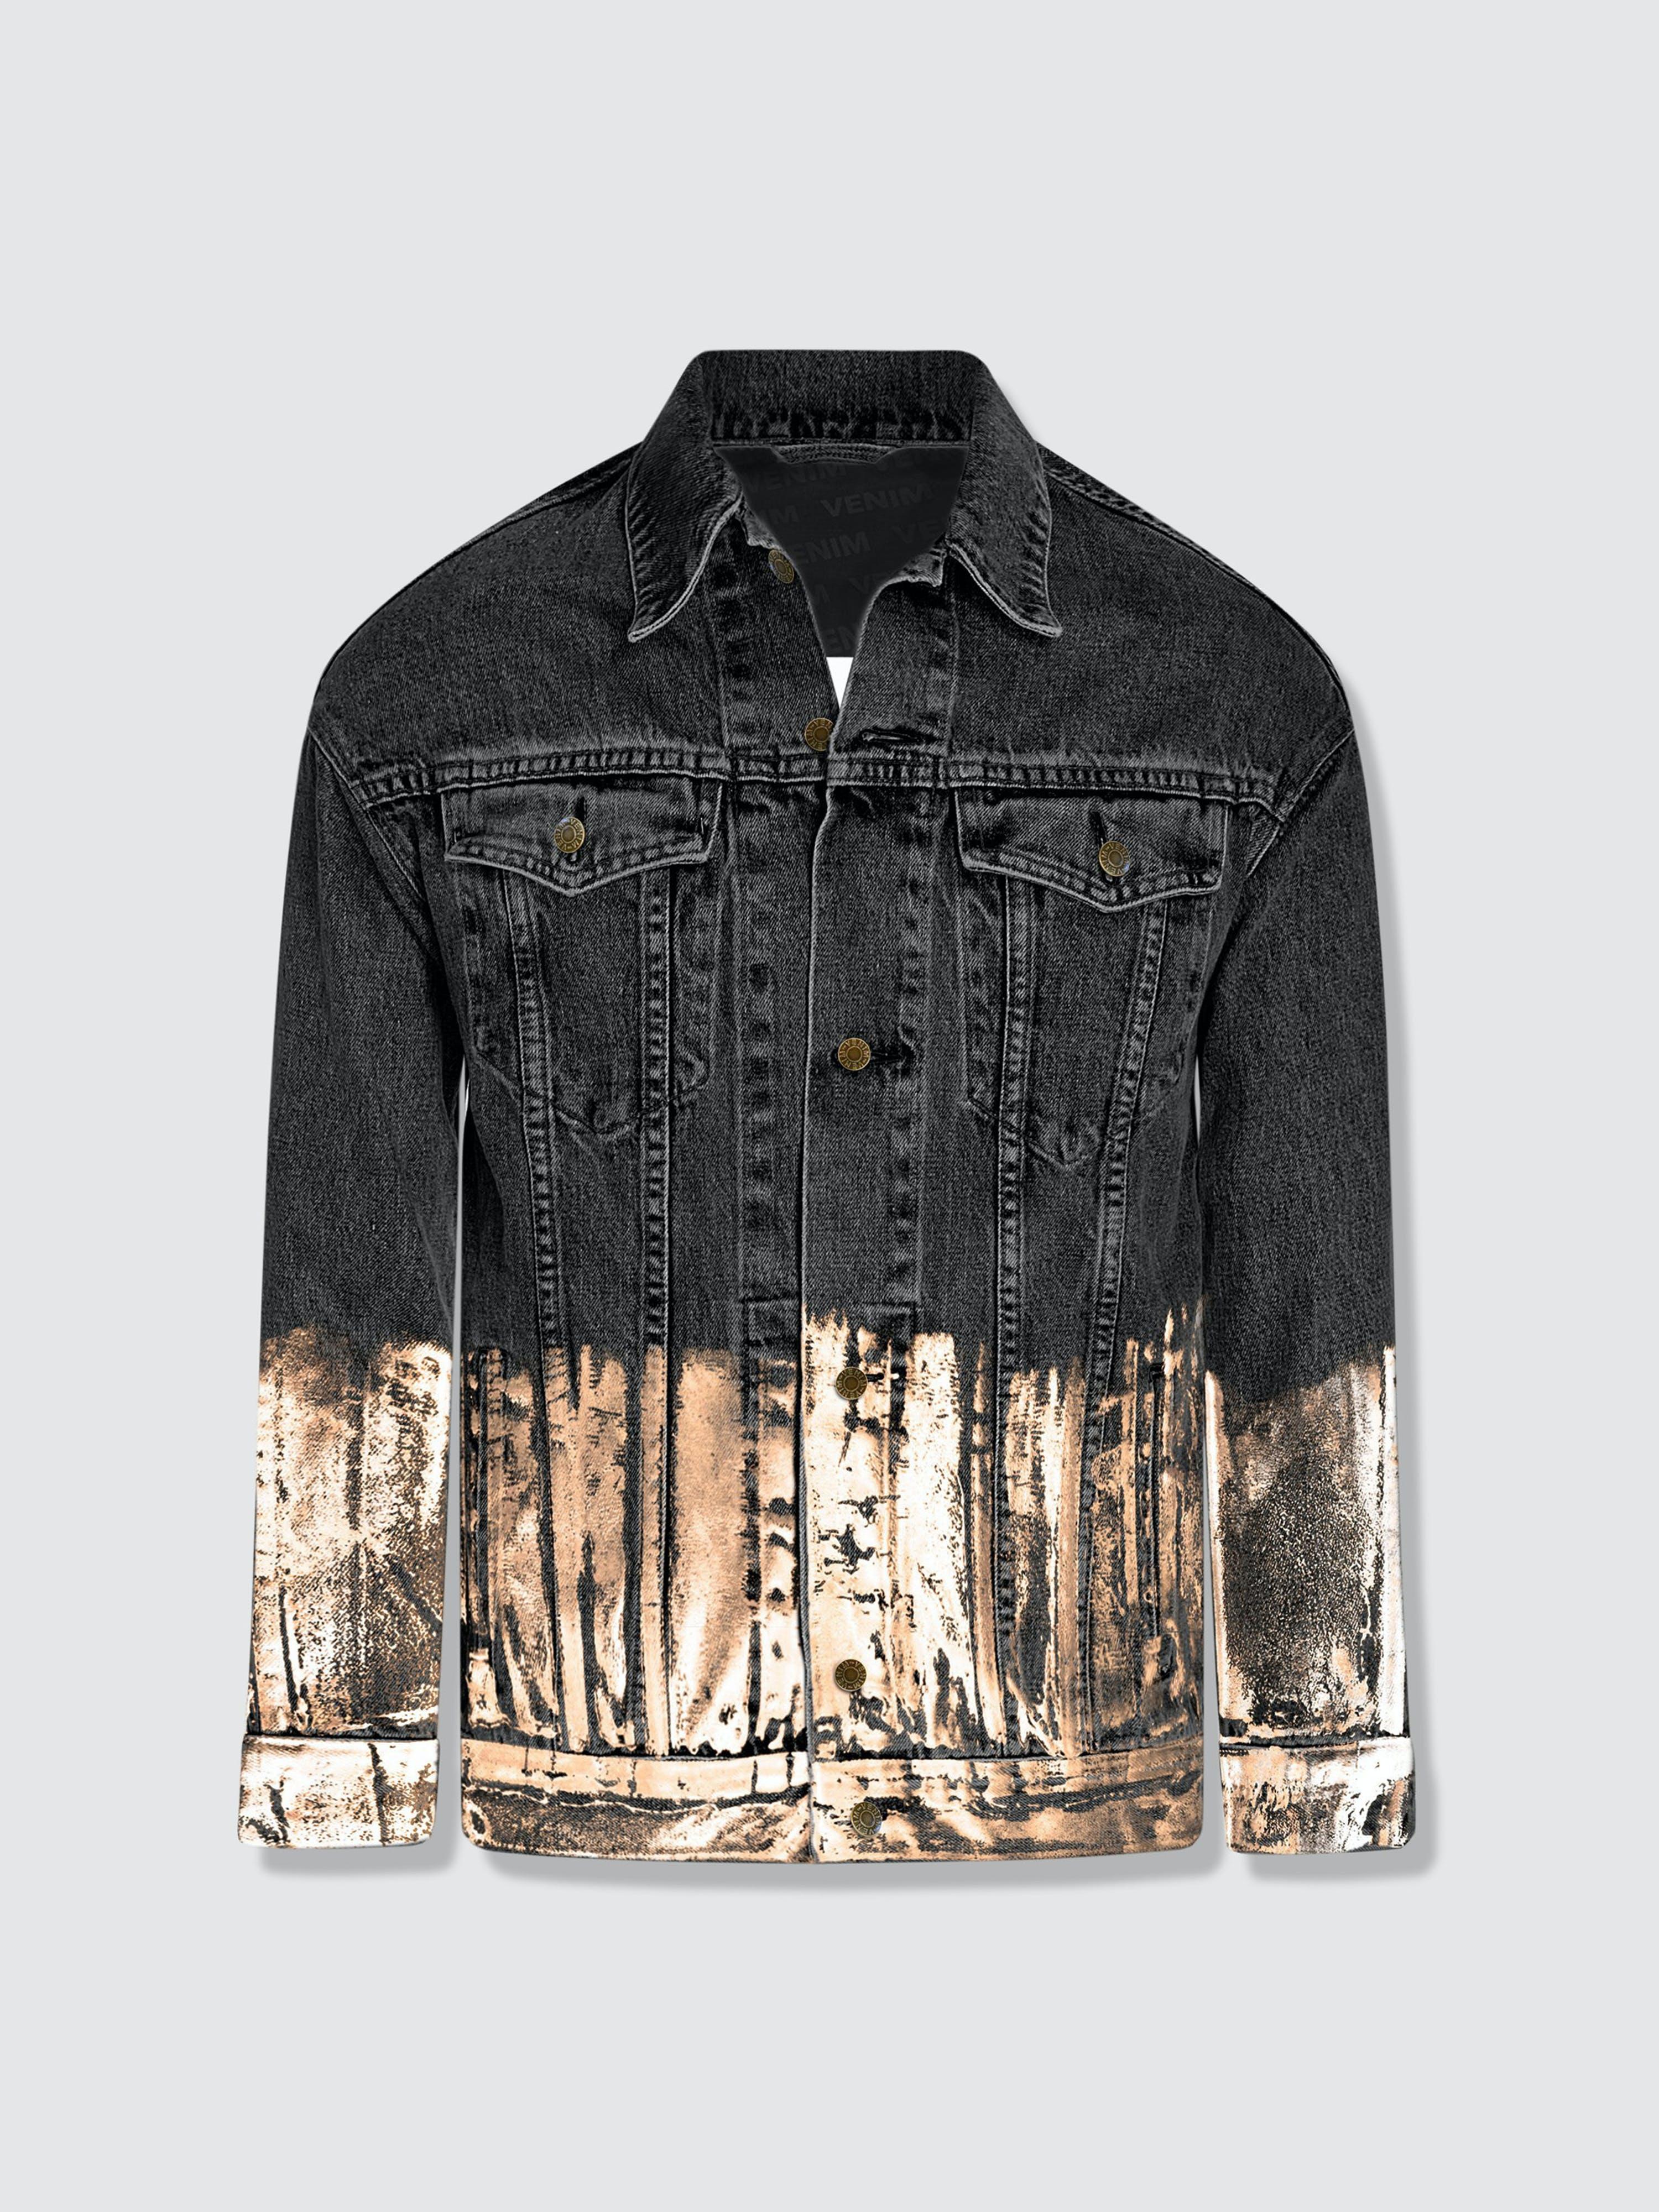 Venim Longer Washed Black Denim Jacket With Rose Gold Foil